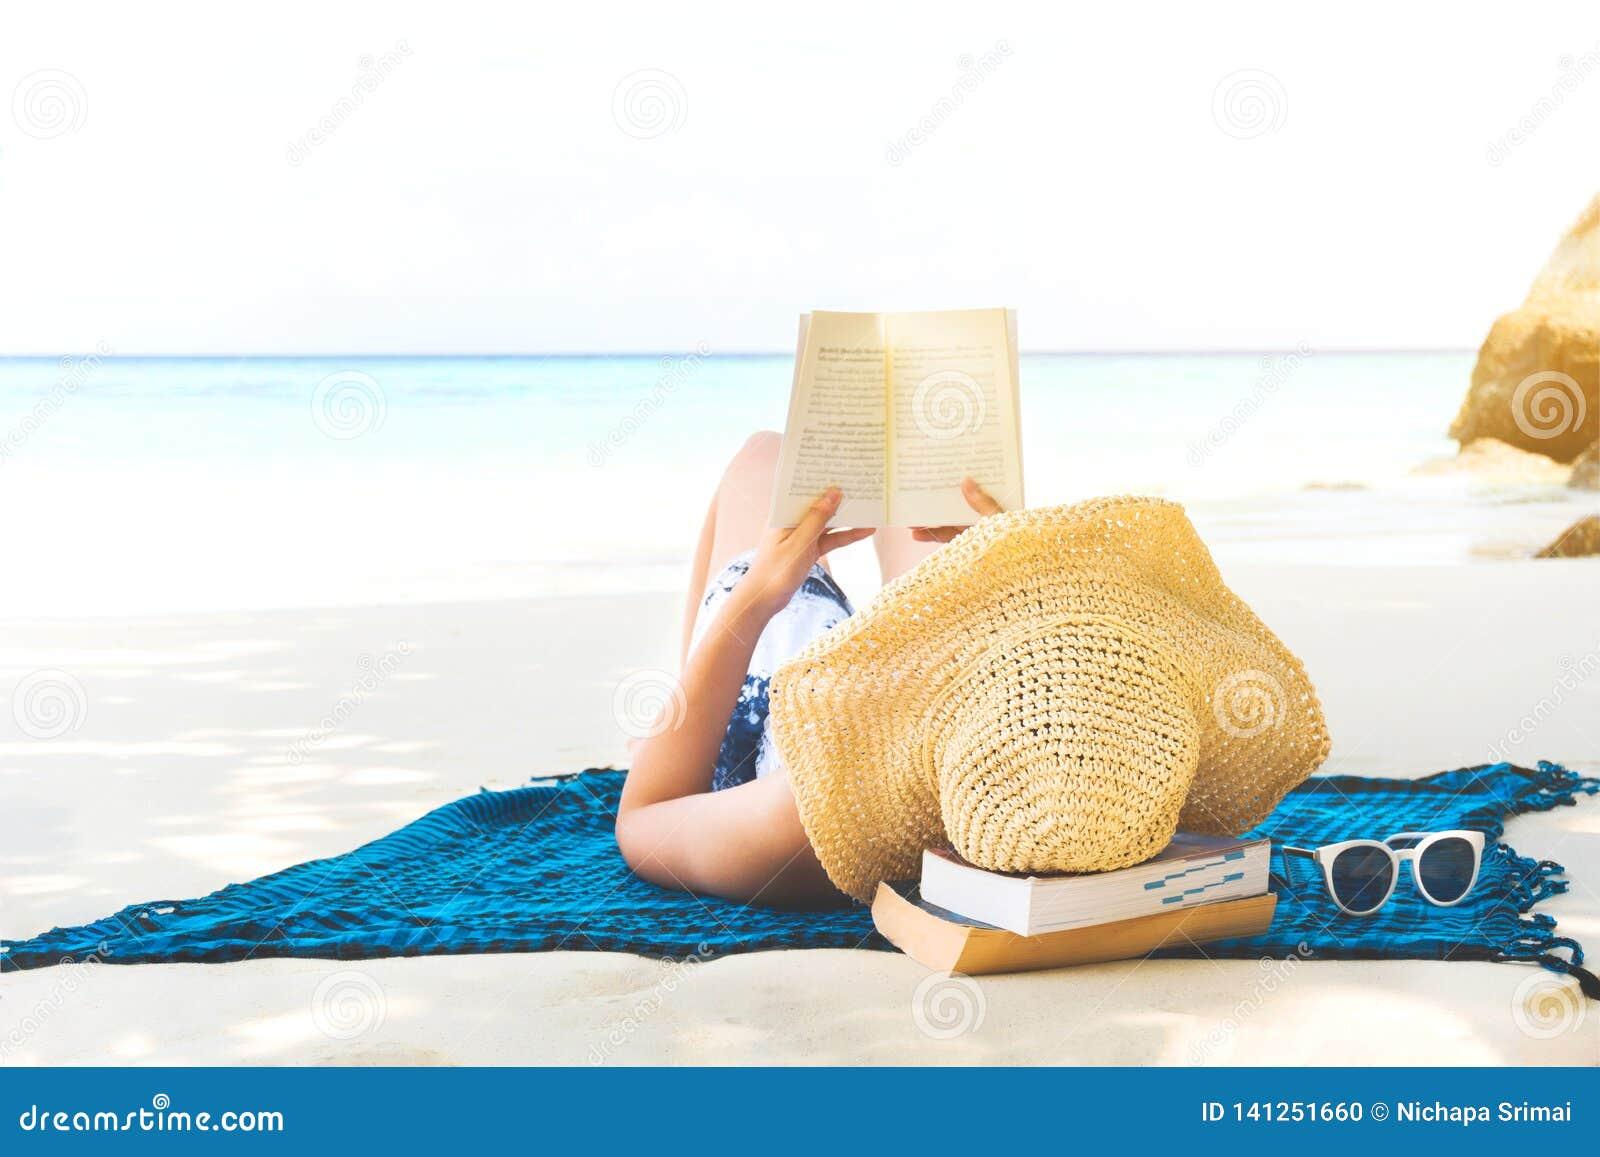 Sommer-Strandurlaub-Frau, die ein Buch auf dem Strand in der Freizeit liest